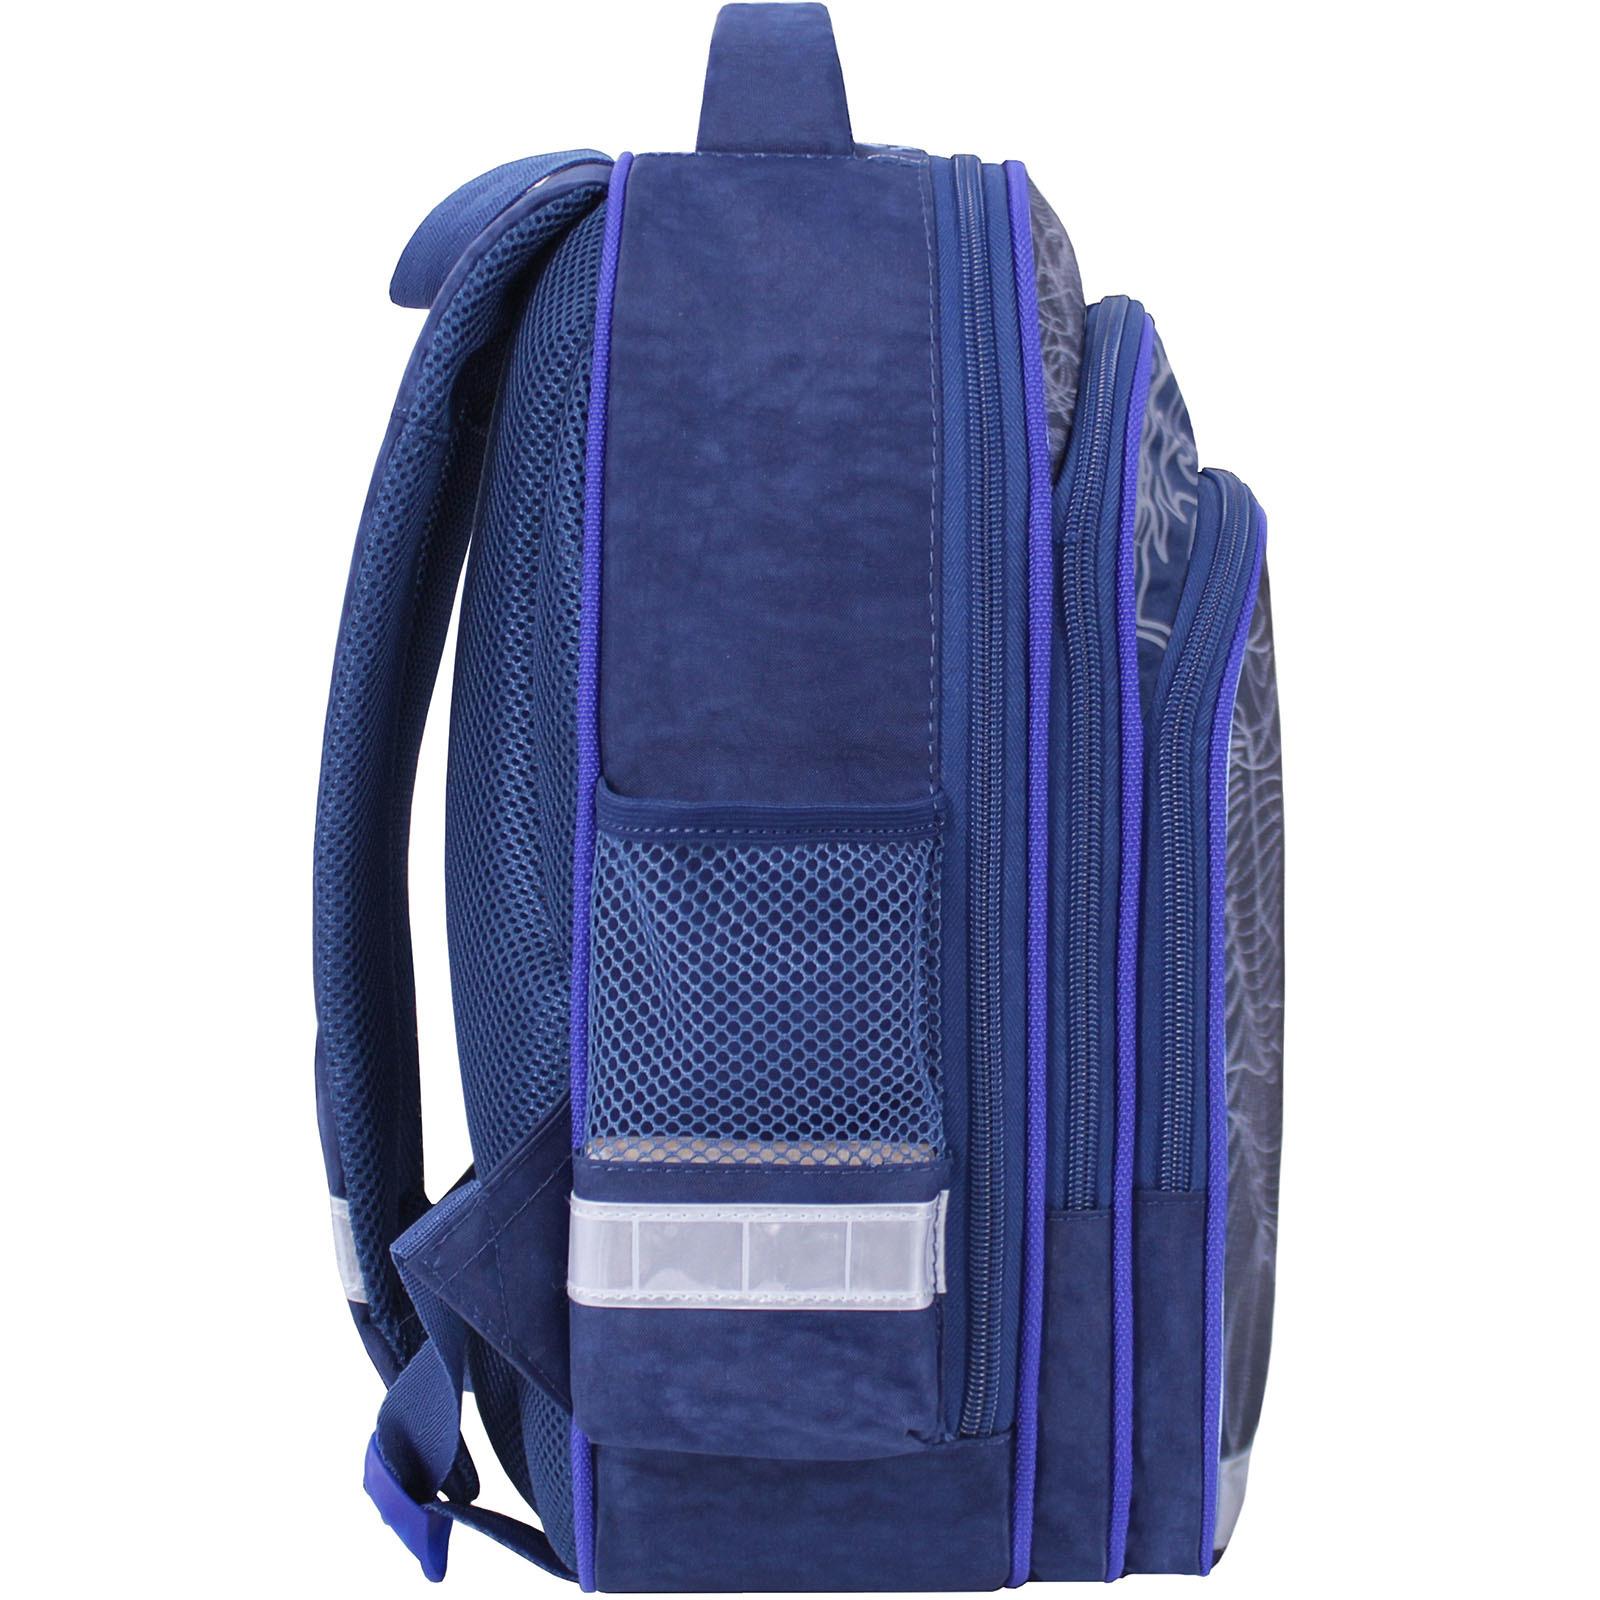 Рюкзак школьный Bagland Mouse 225 синий 506 (0051370) фото 2